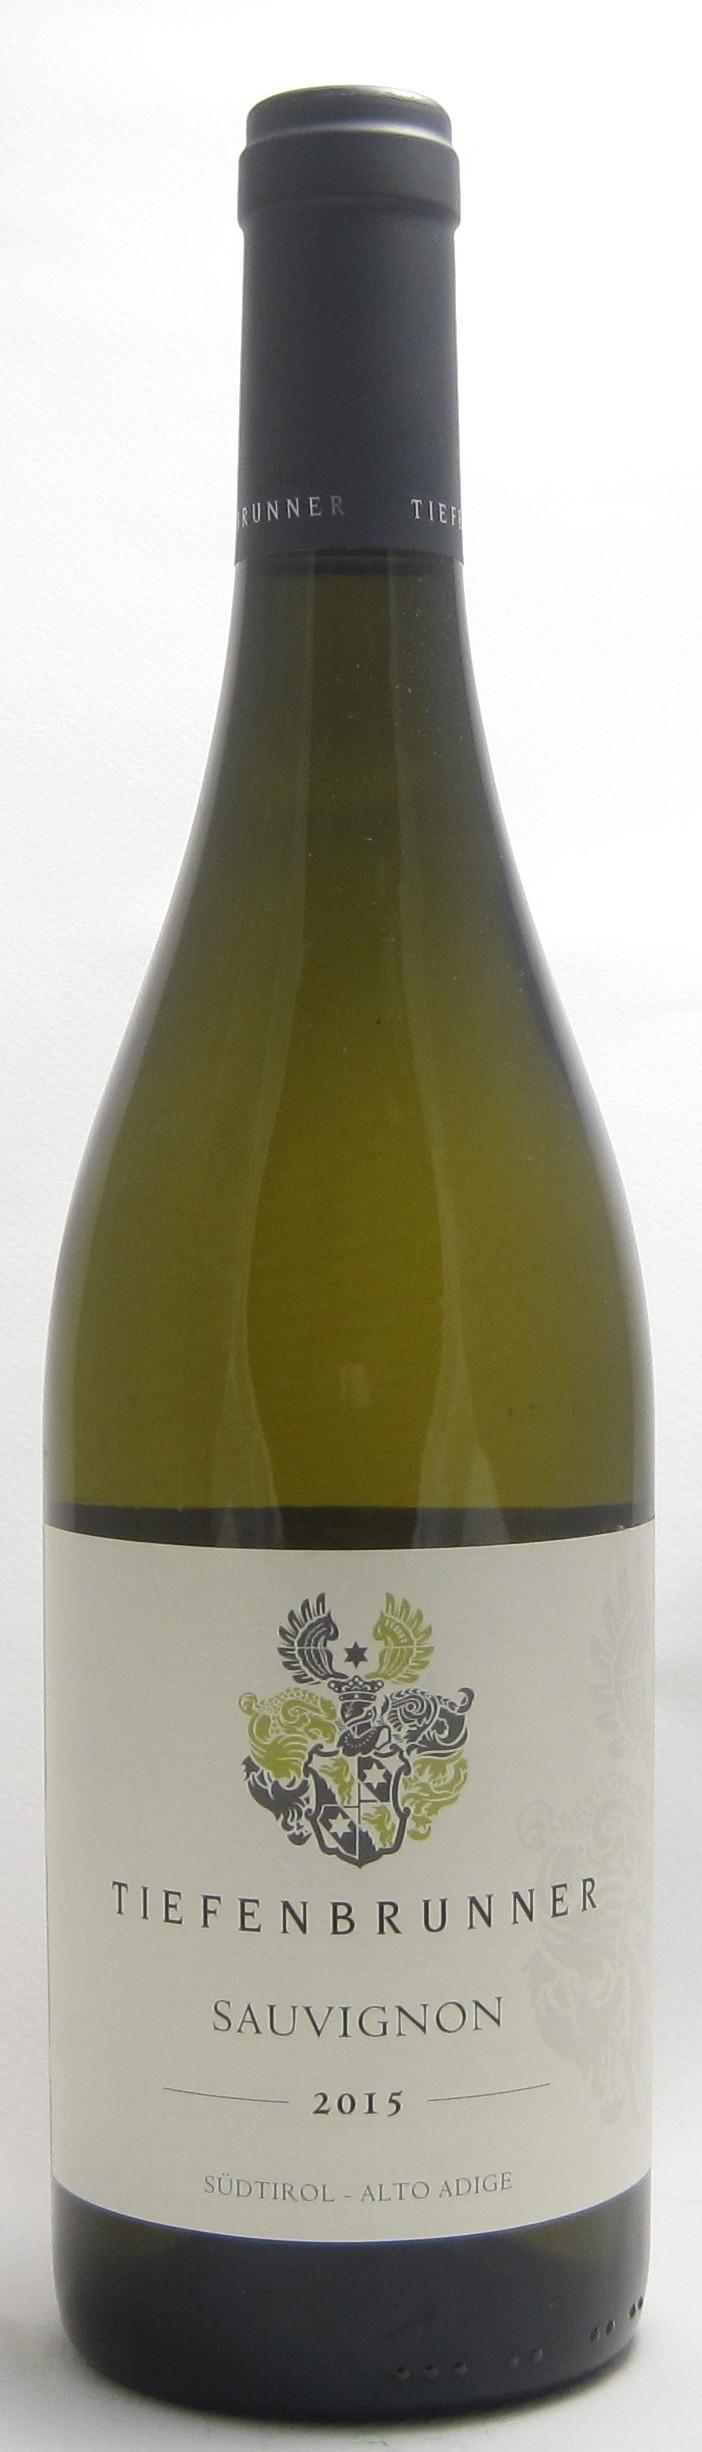 Tiefenbrunner Sauvignon Blanc